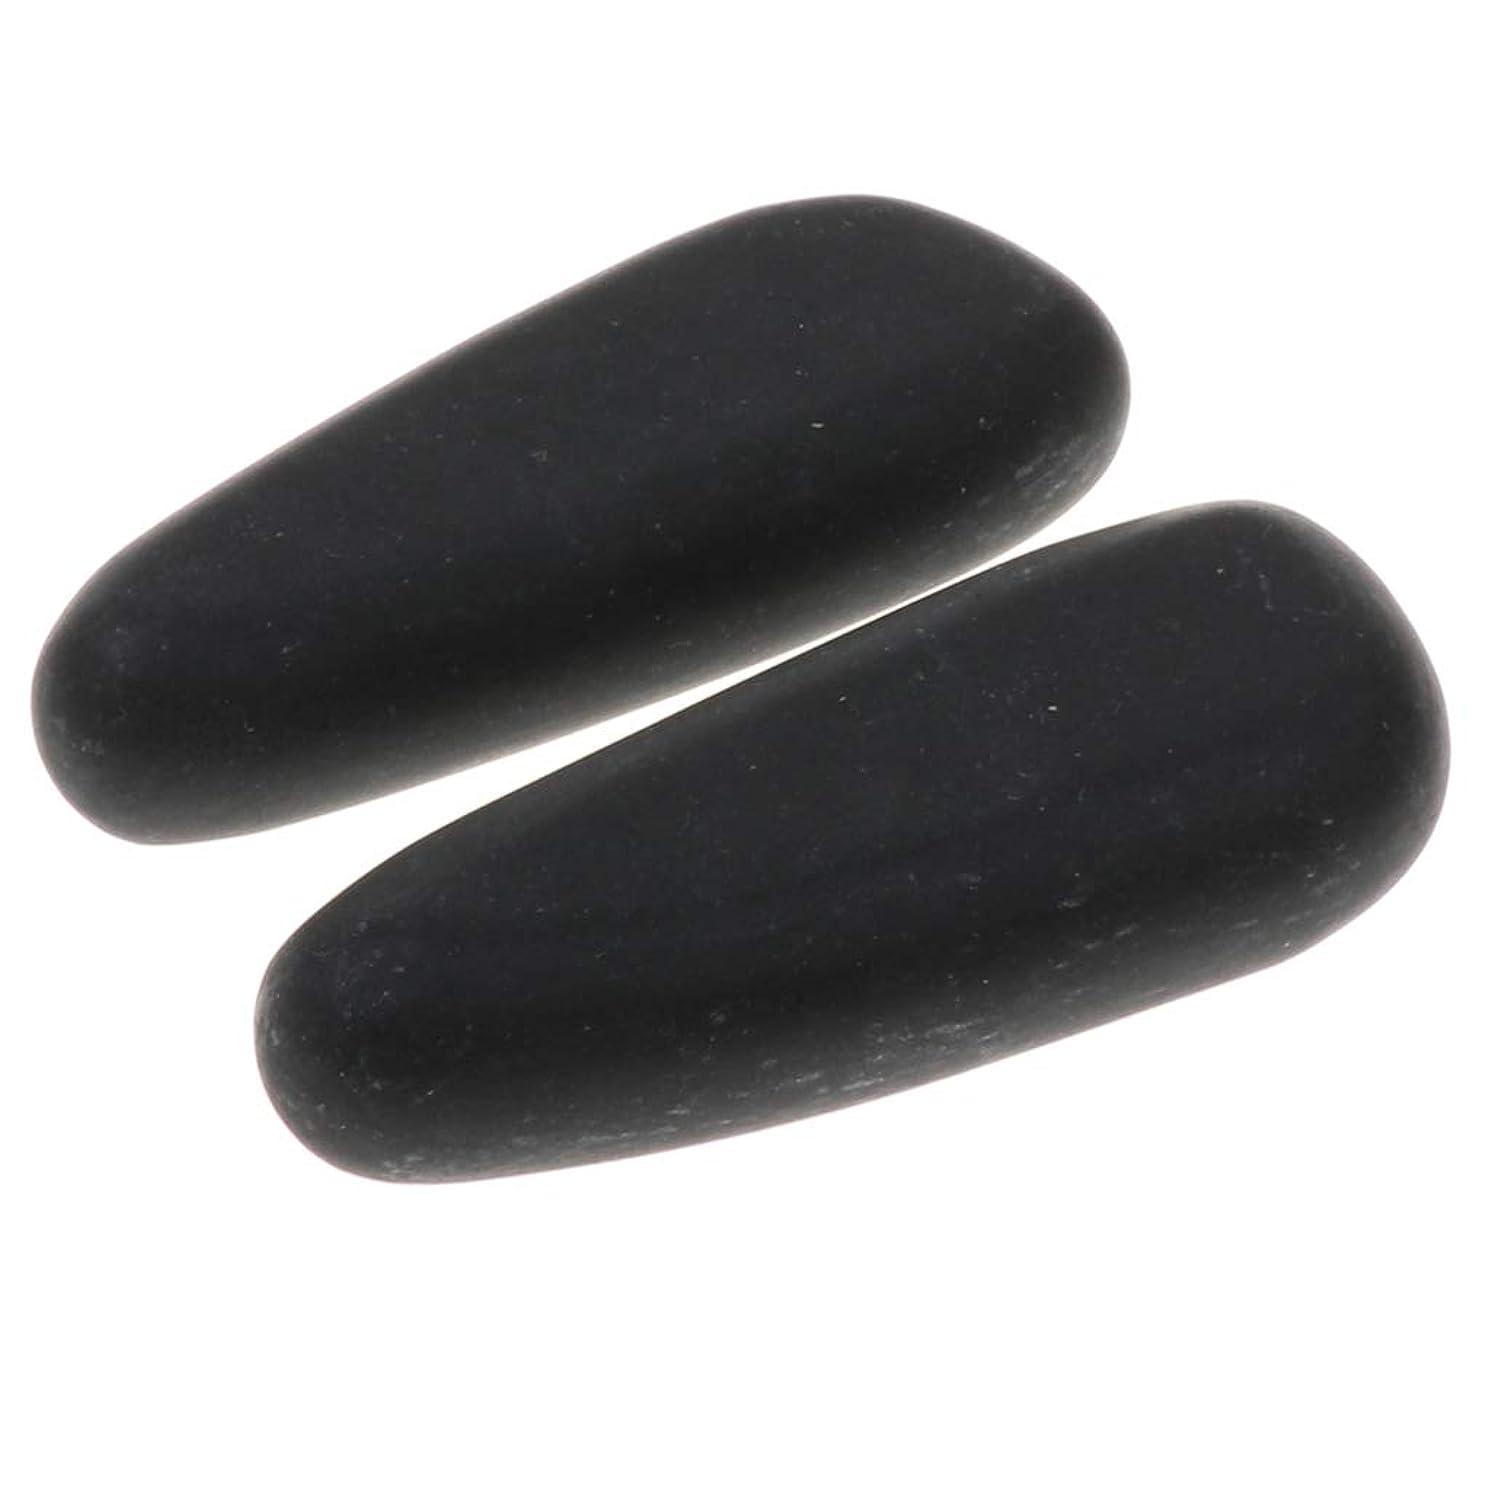 独裁餌アーチgazechimp ホットストーン マッサージ石 マッサージストーン 玄武岩 ボディマッサージ 2個 全2サイズ - 8×3.2×2cm